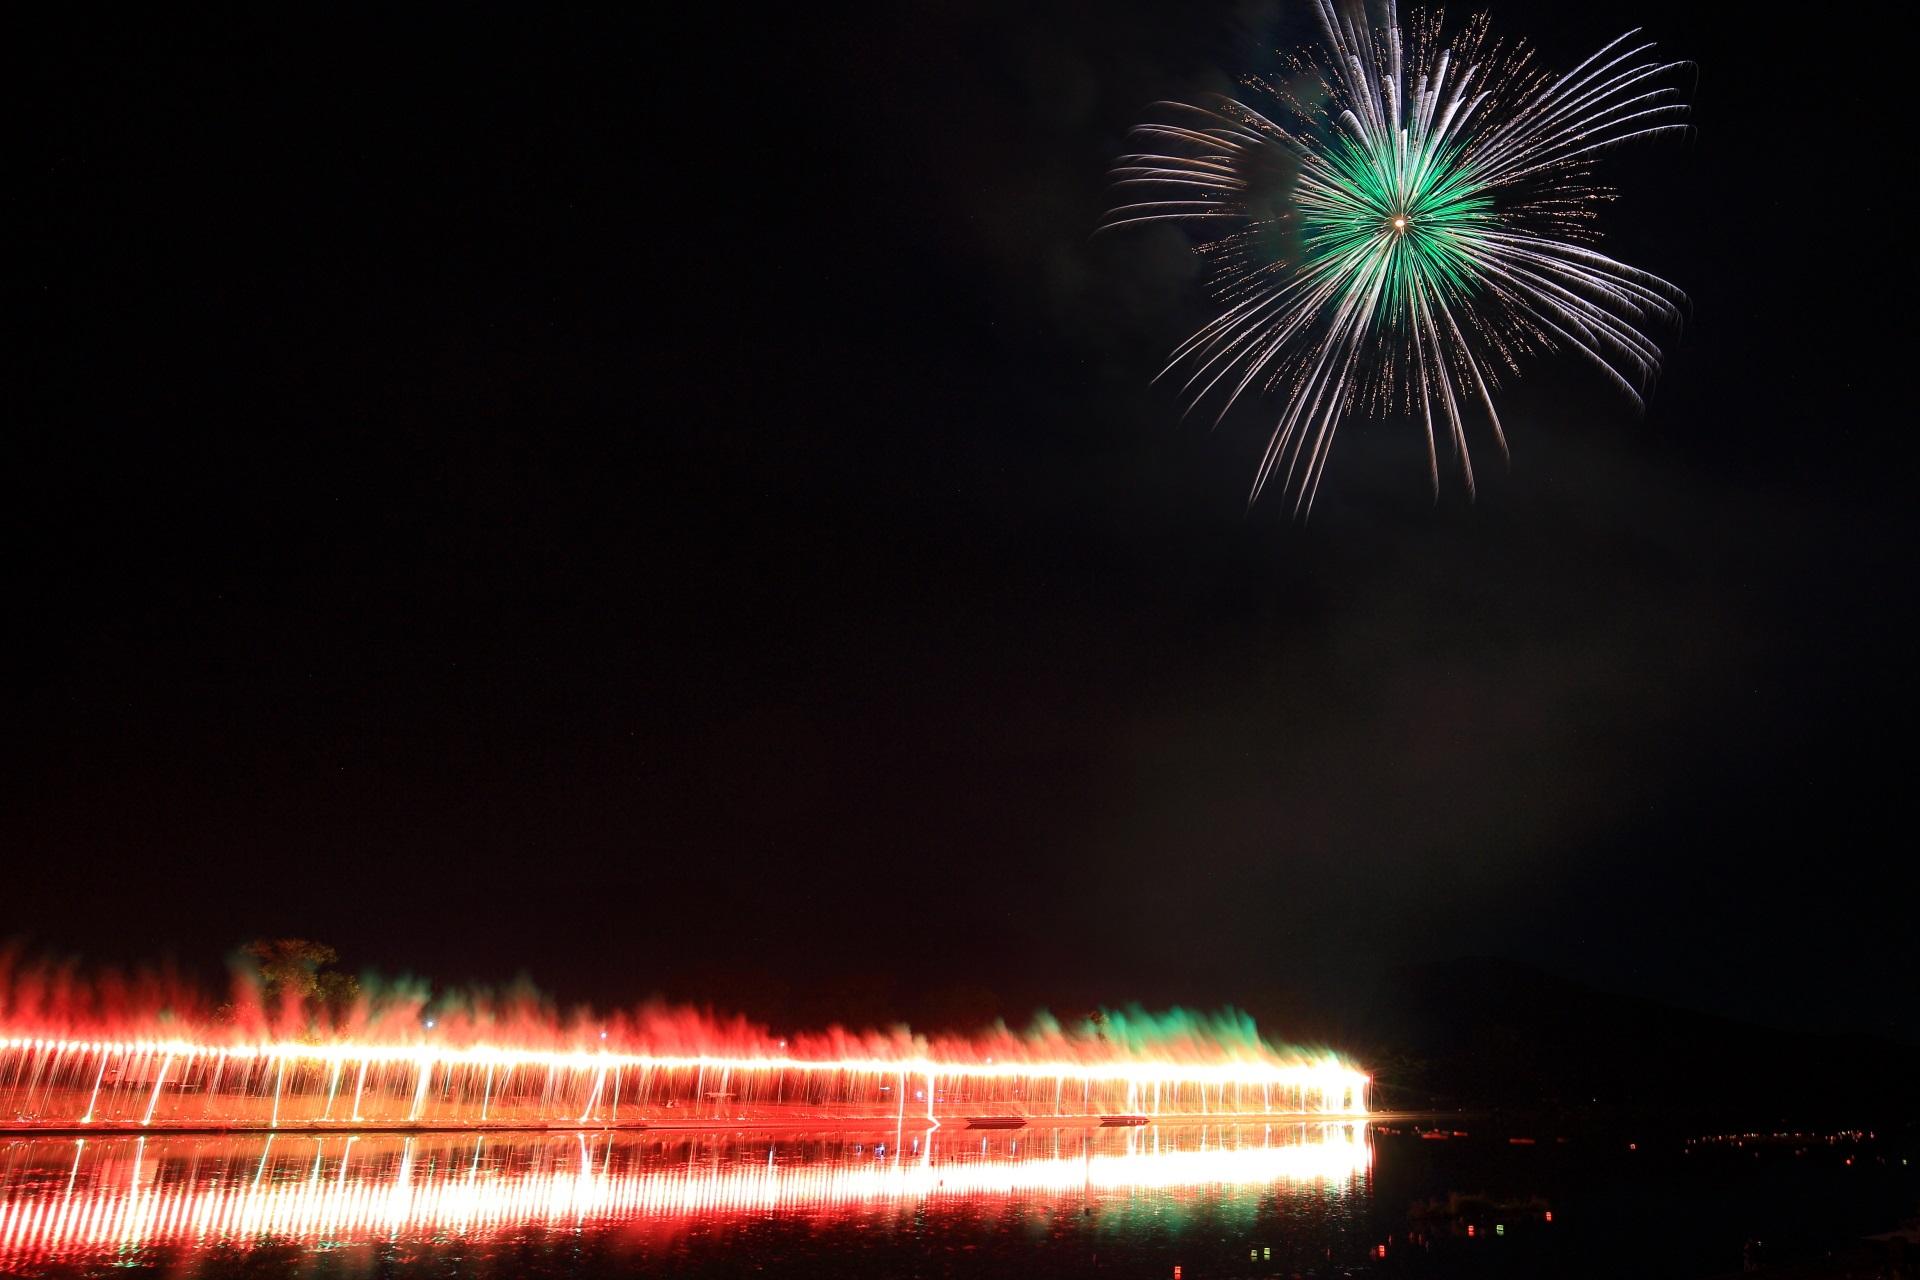 ナイアガラと夜空を彩る花火